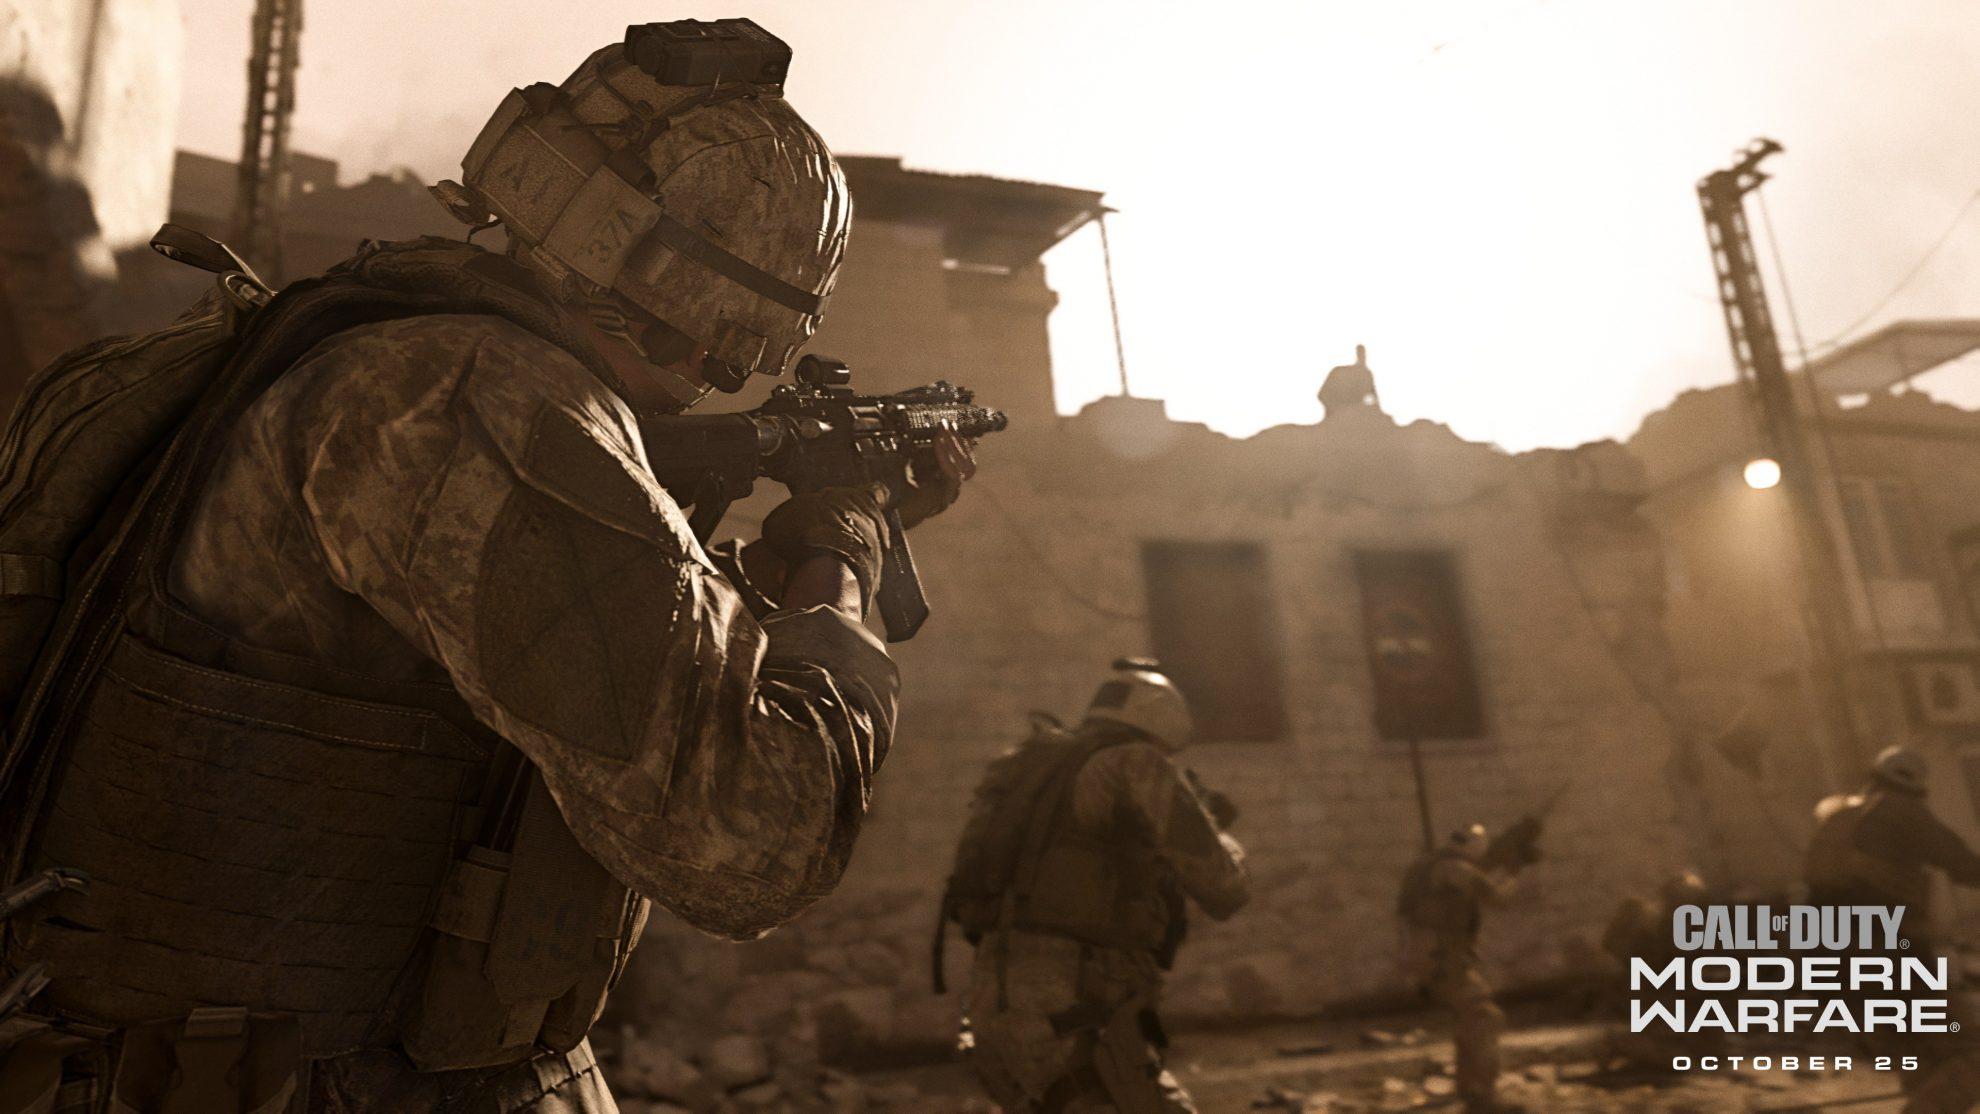 https://images.mein-mmo.de/magazin/medien/2019/06/Modern-Warfare-Feuer-Dach-e1559495372634.jpg